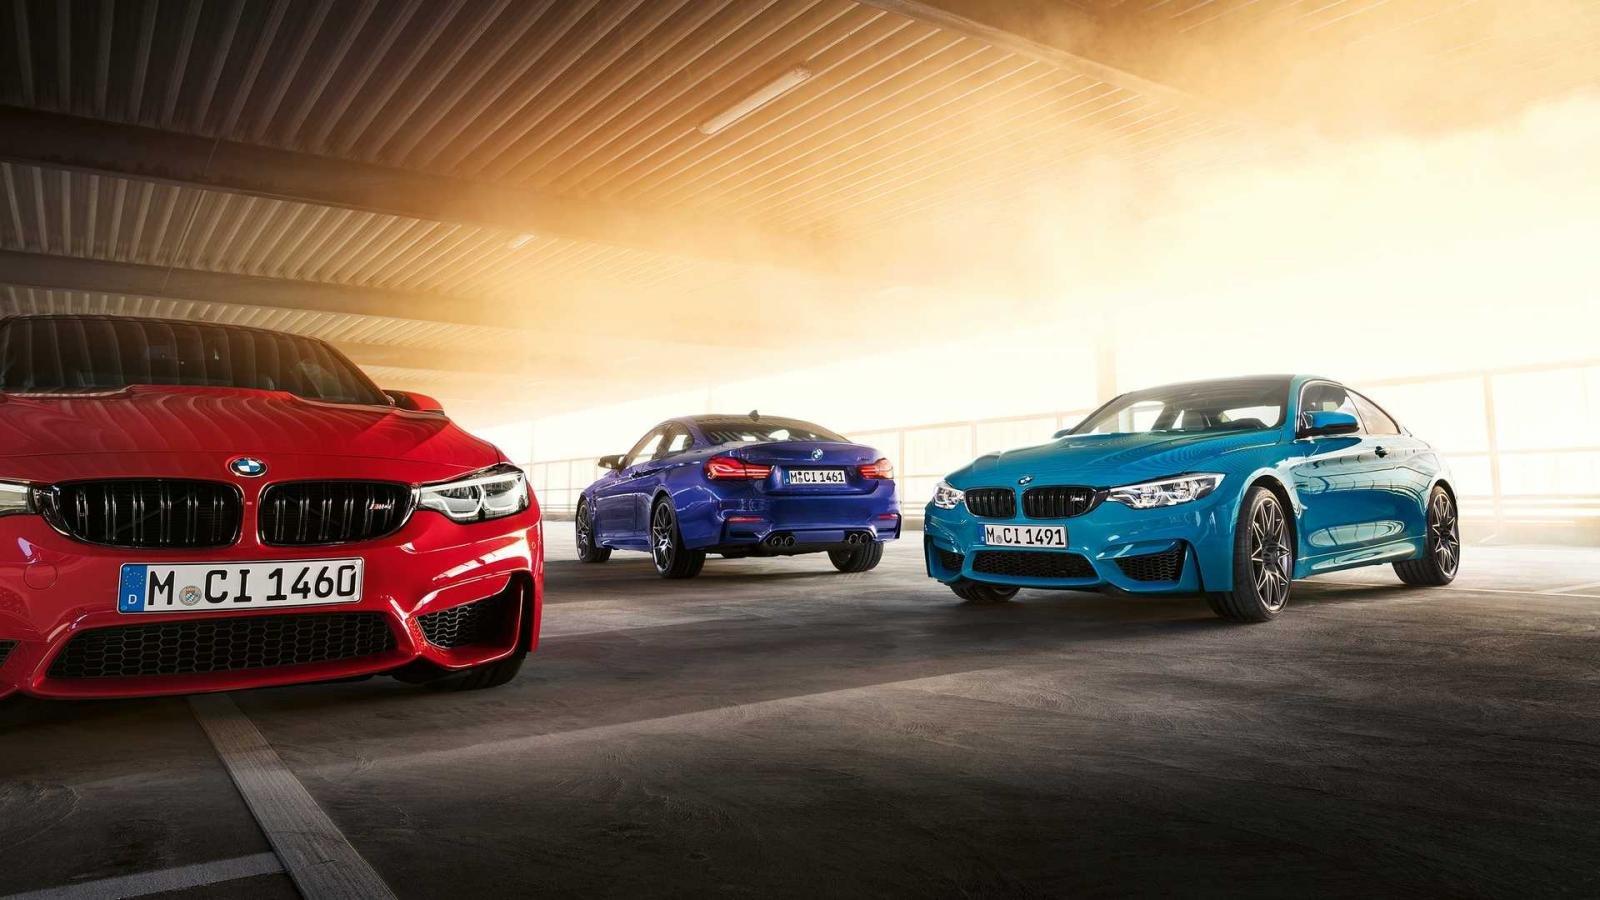 BMW M4 Edition M Heritage có sức mạnh 450 mã lực, mạnh hơn M4 tiêu chuẩn.